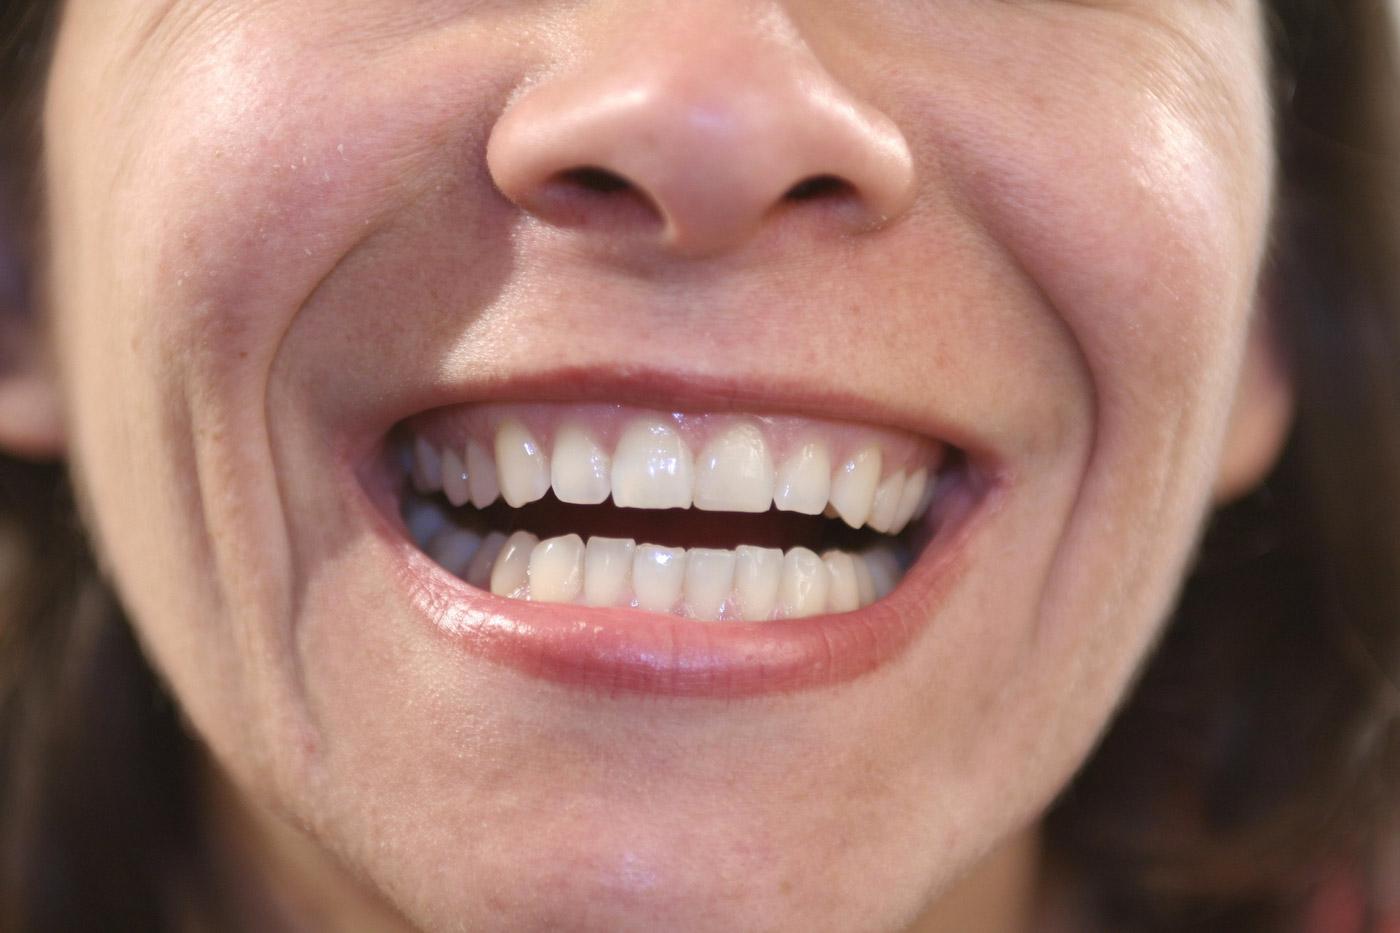 Denti sensibili? Ecco come alleviare i sintomi.